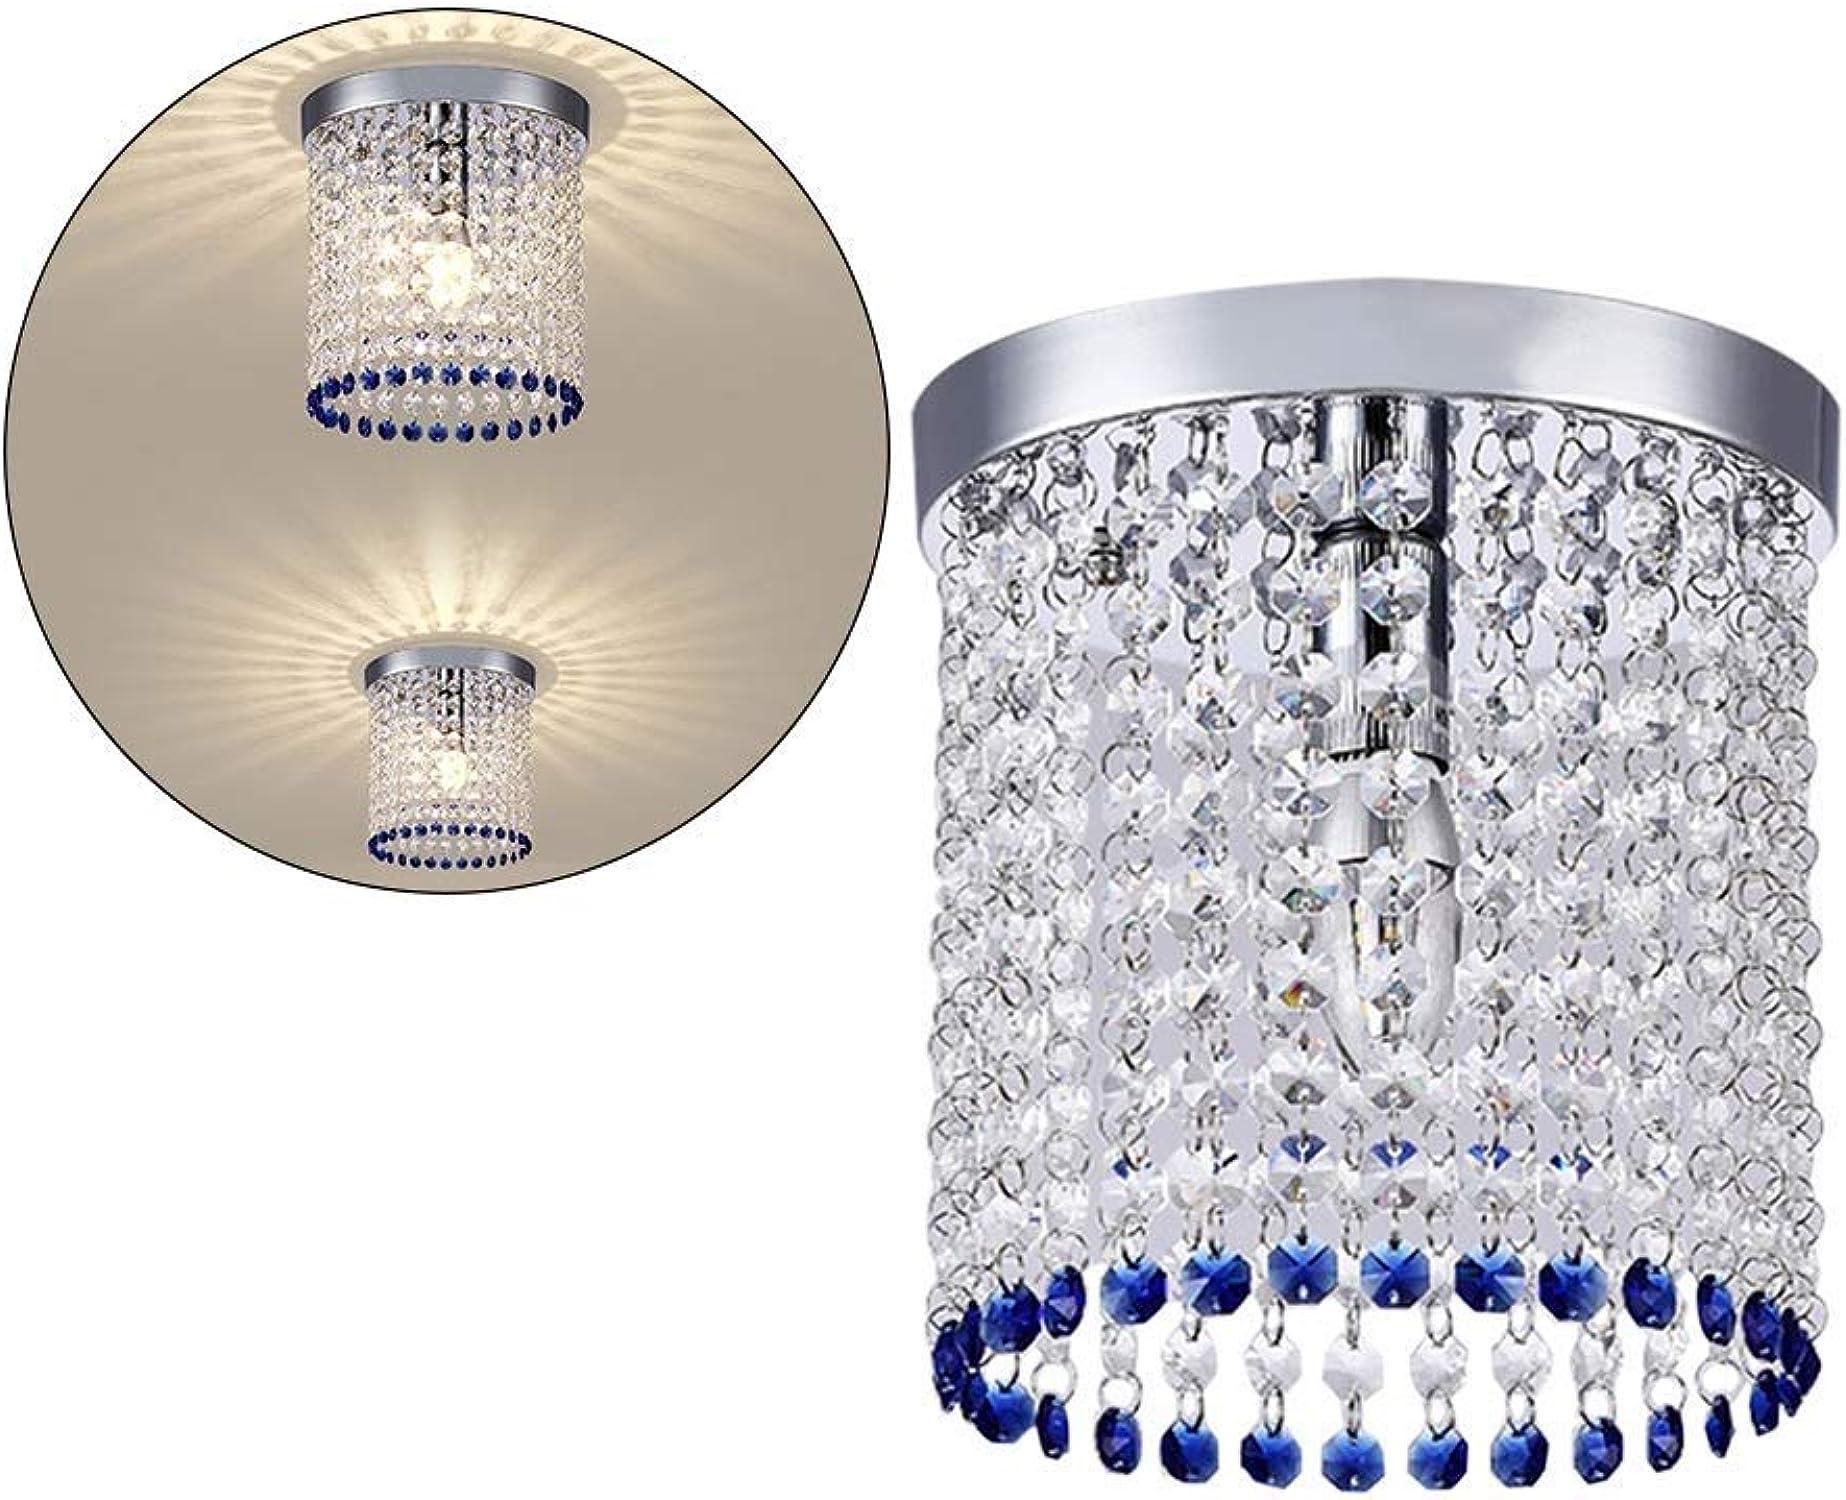 AINI Cristal De Goutte De Pluie Moderne en Cristal Luminaire Plafonnier éclairage Plafonnier LED Plafonnier pour Salle à Manger Salle De Bains Chambre Salon E14 Ampoules à LED